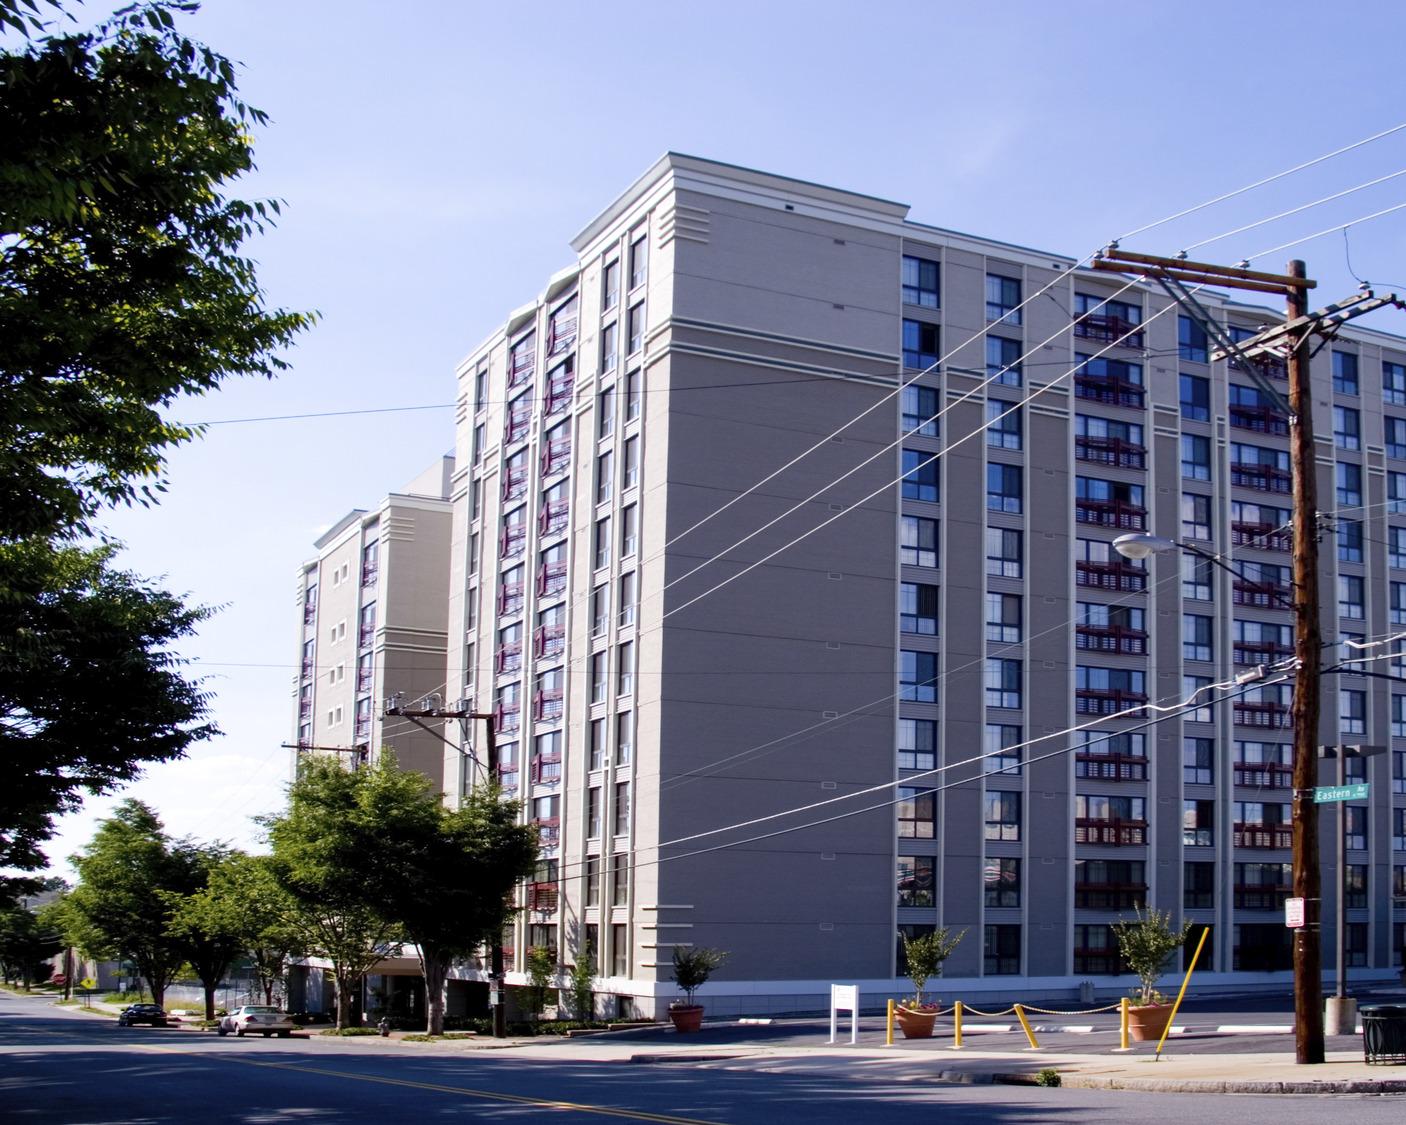 CBG builds Aurora Condominiums, a 145-Unit Luxury Condominium Community in Silver Spring, MD